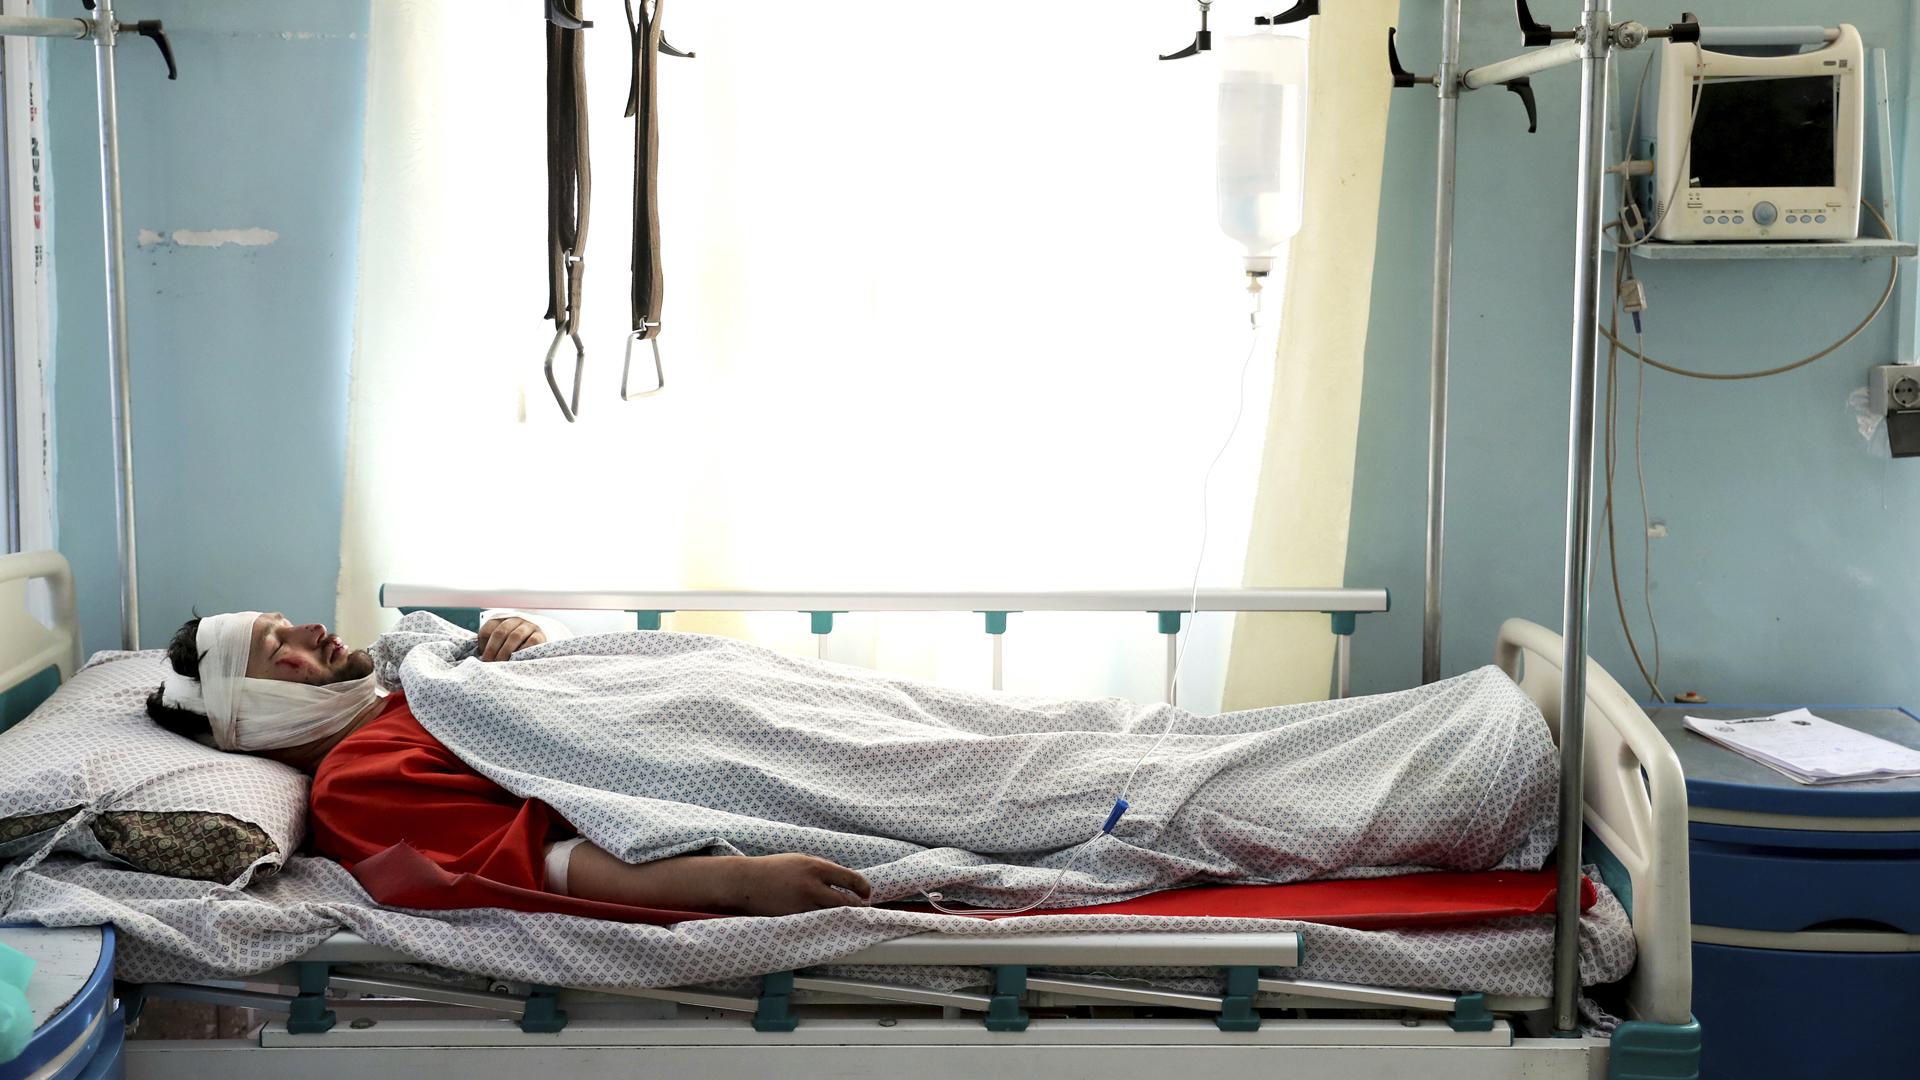 Explosión mortal durante un evento del presidente de Afganistán